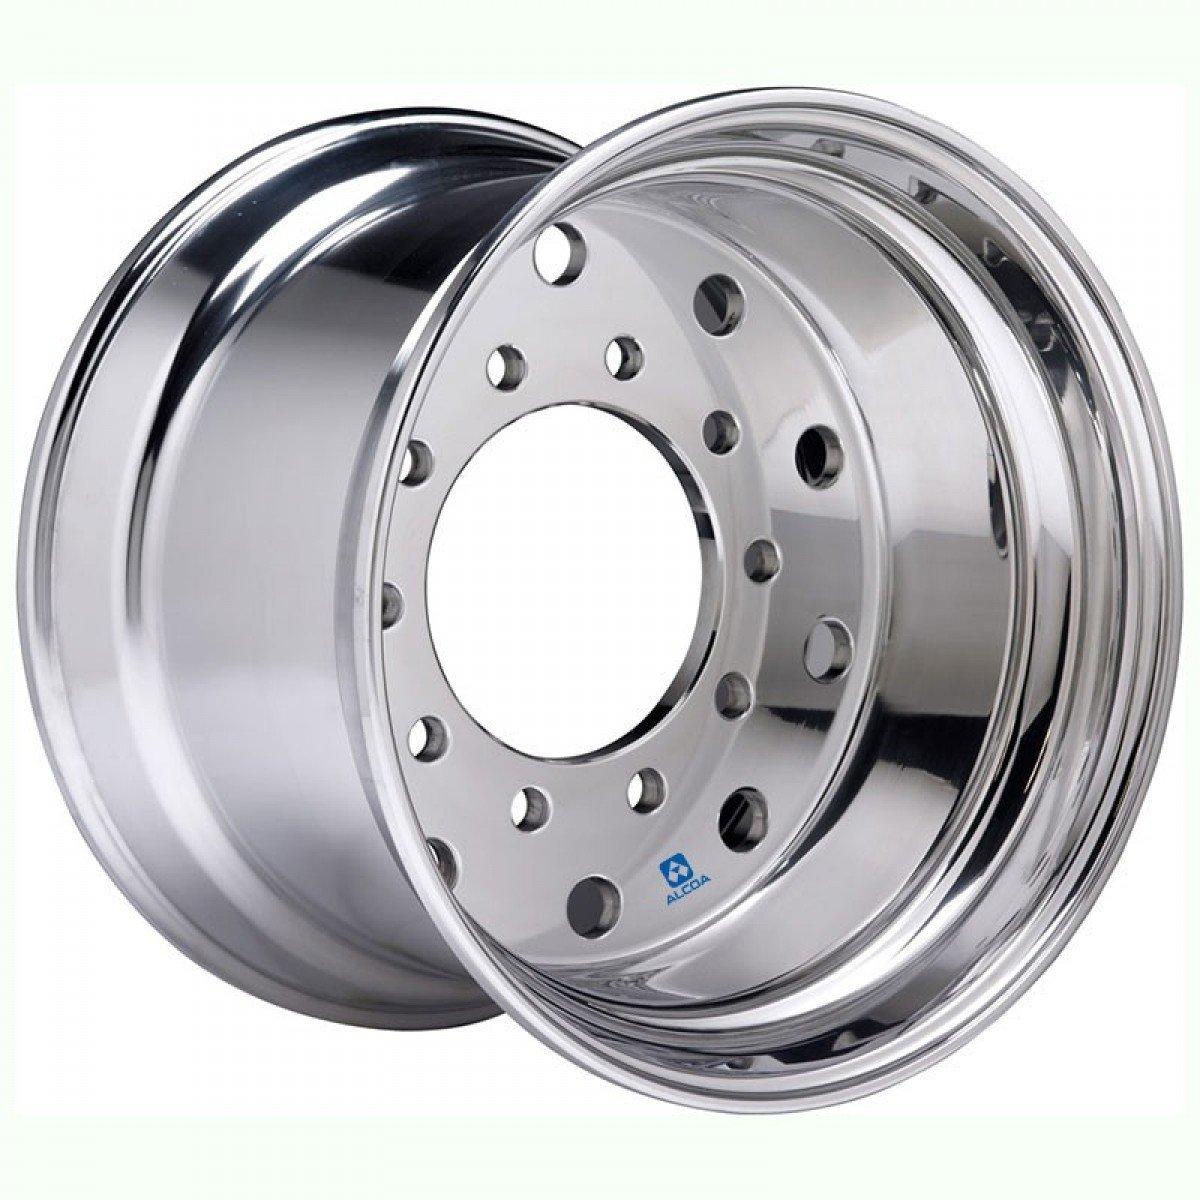 Alcoa 22.5'' x 14'' Polished X-One Super Single 10 Lug Polished Wheel (843622)